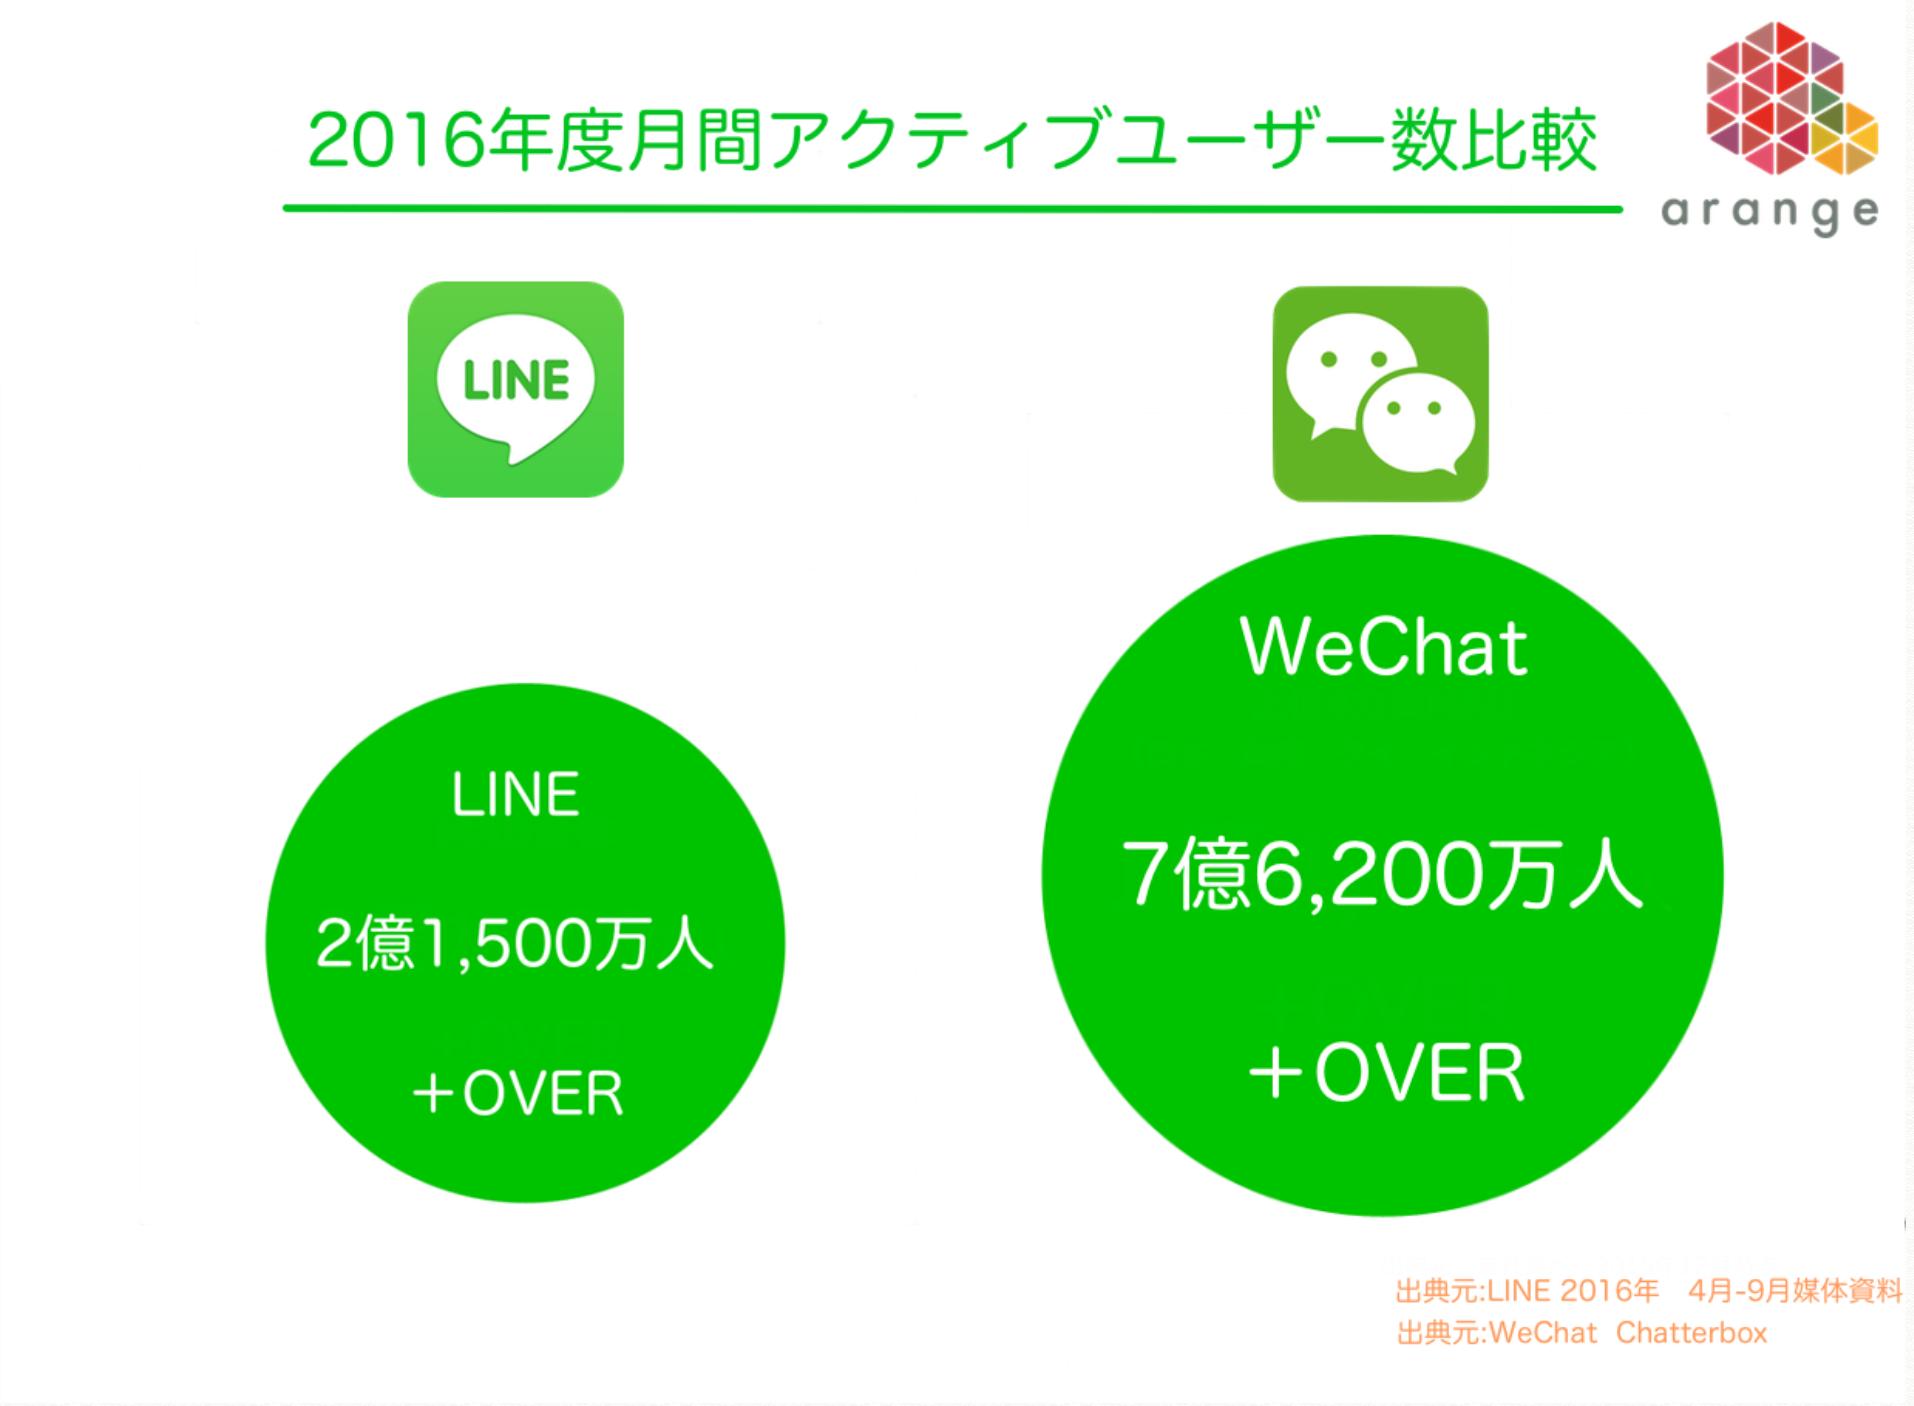 スクリーンショット 2016-06-28 12.47.57